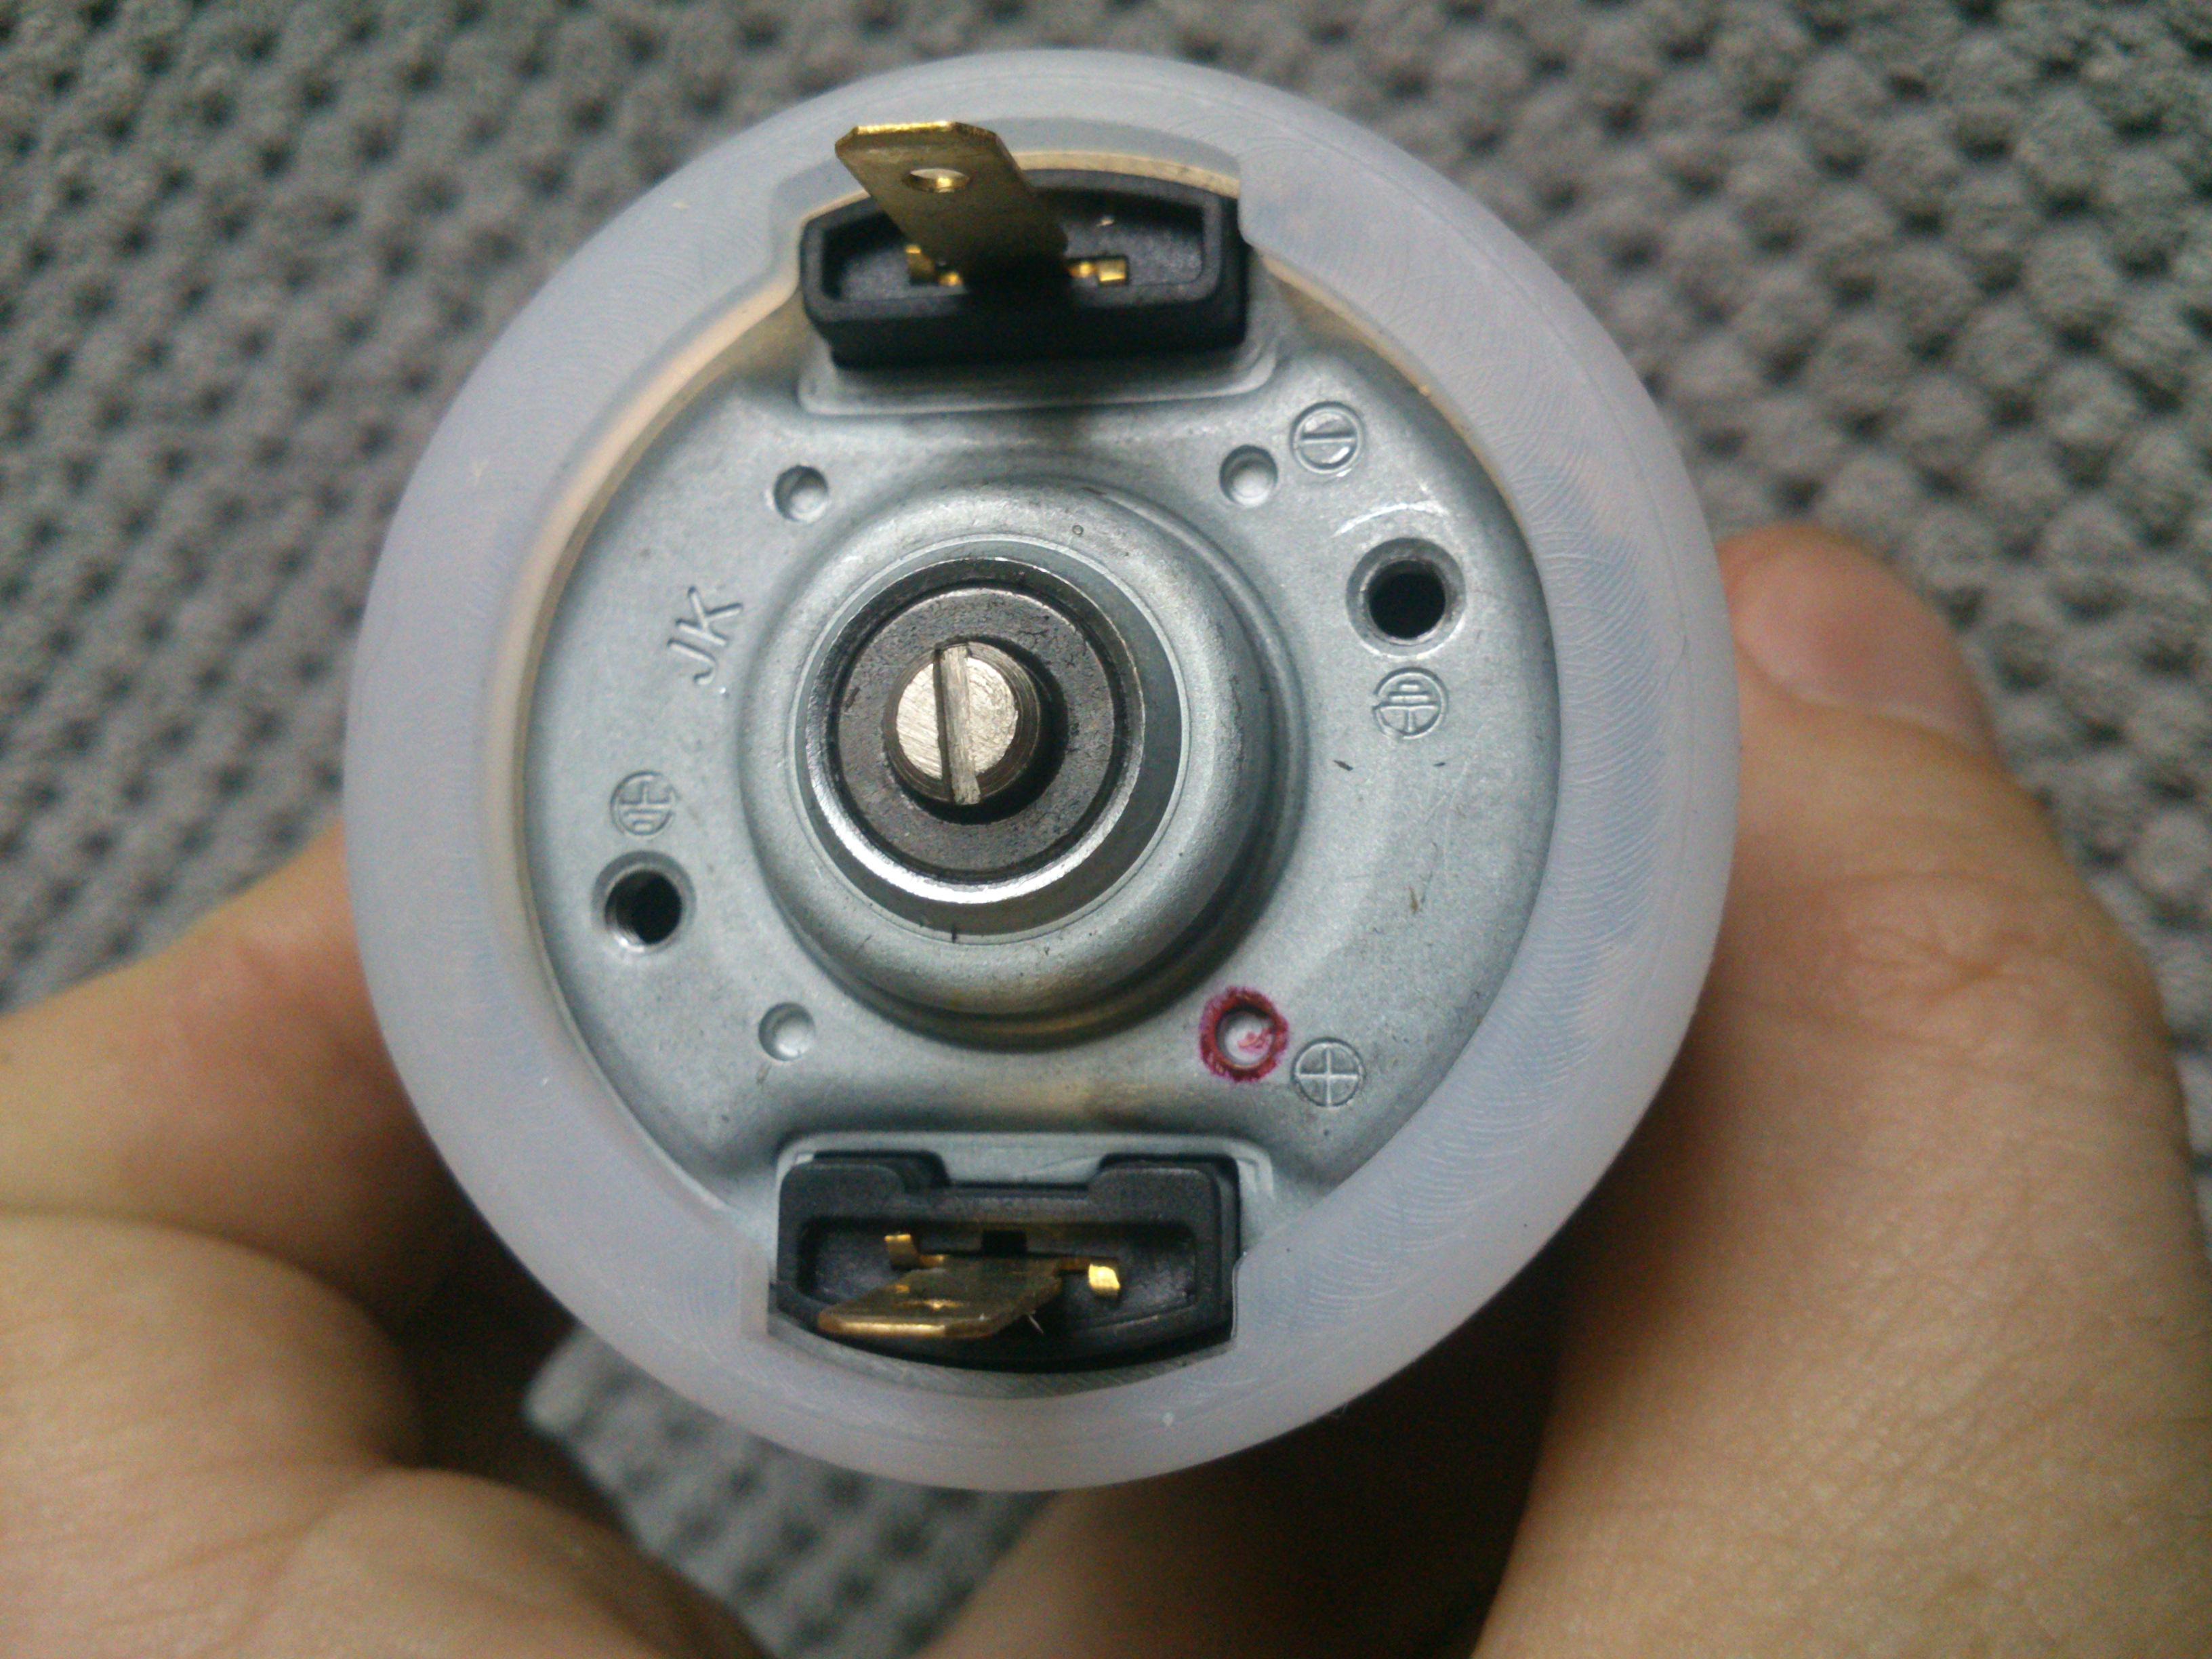 Blender Domedia HB968SA - nie dzia�a, spali� bezpiecznik i wybuch� triak...